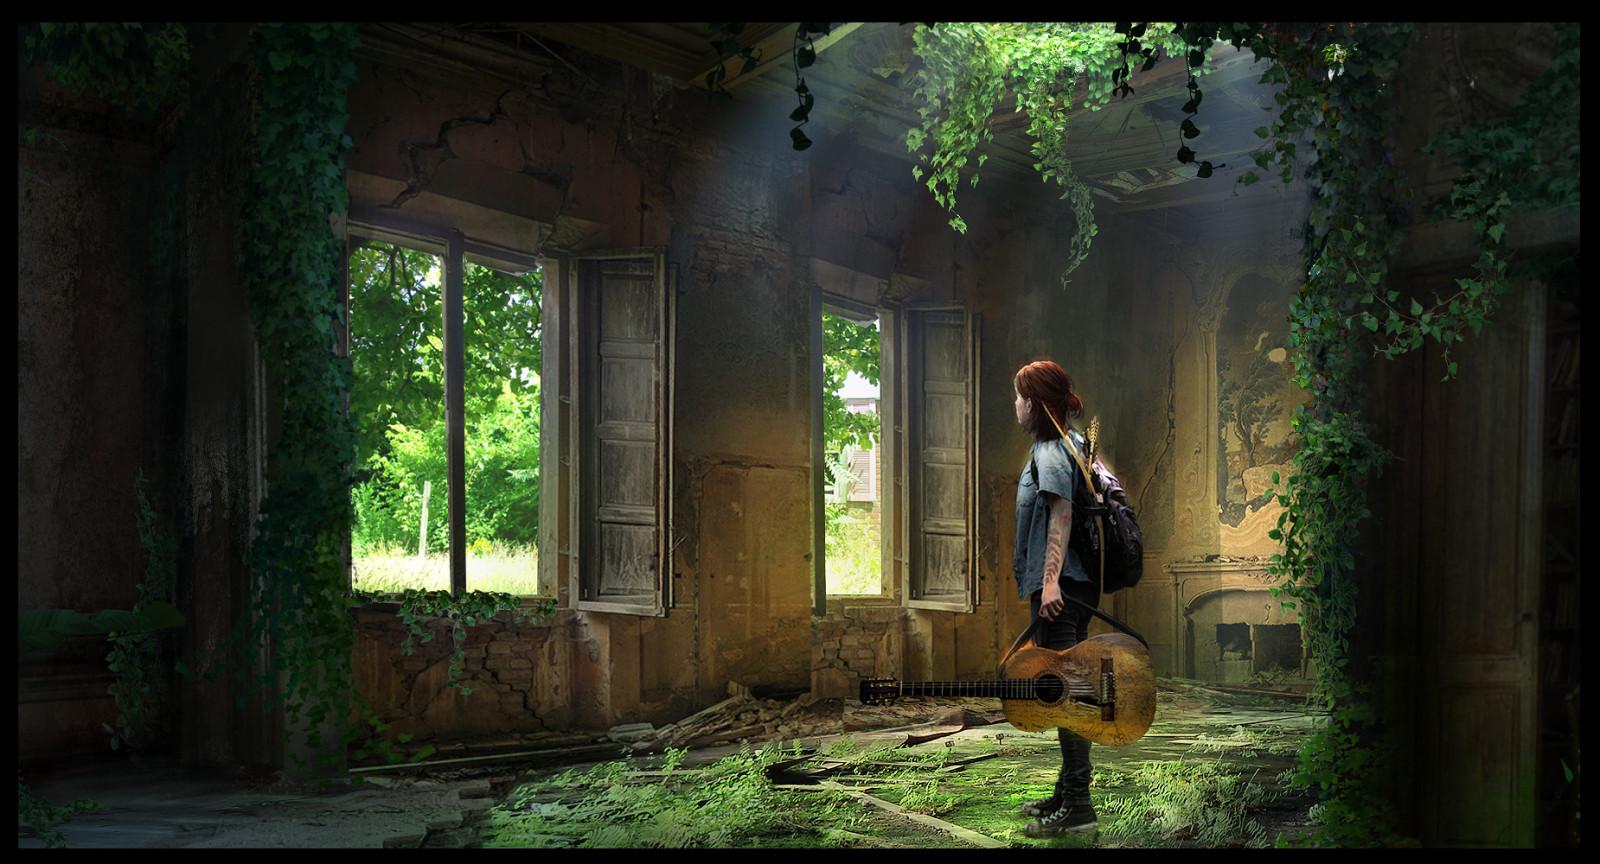 Wallpaper : The Last Of Us, The Last Of Us Part 2, Fan Art